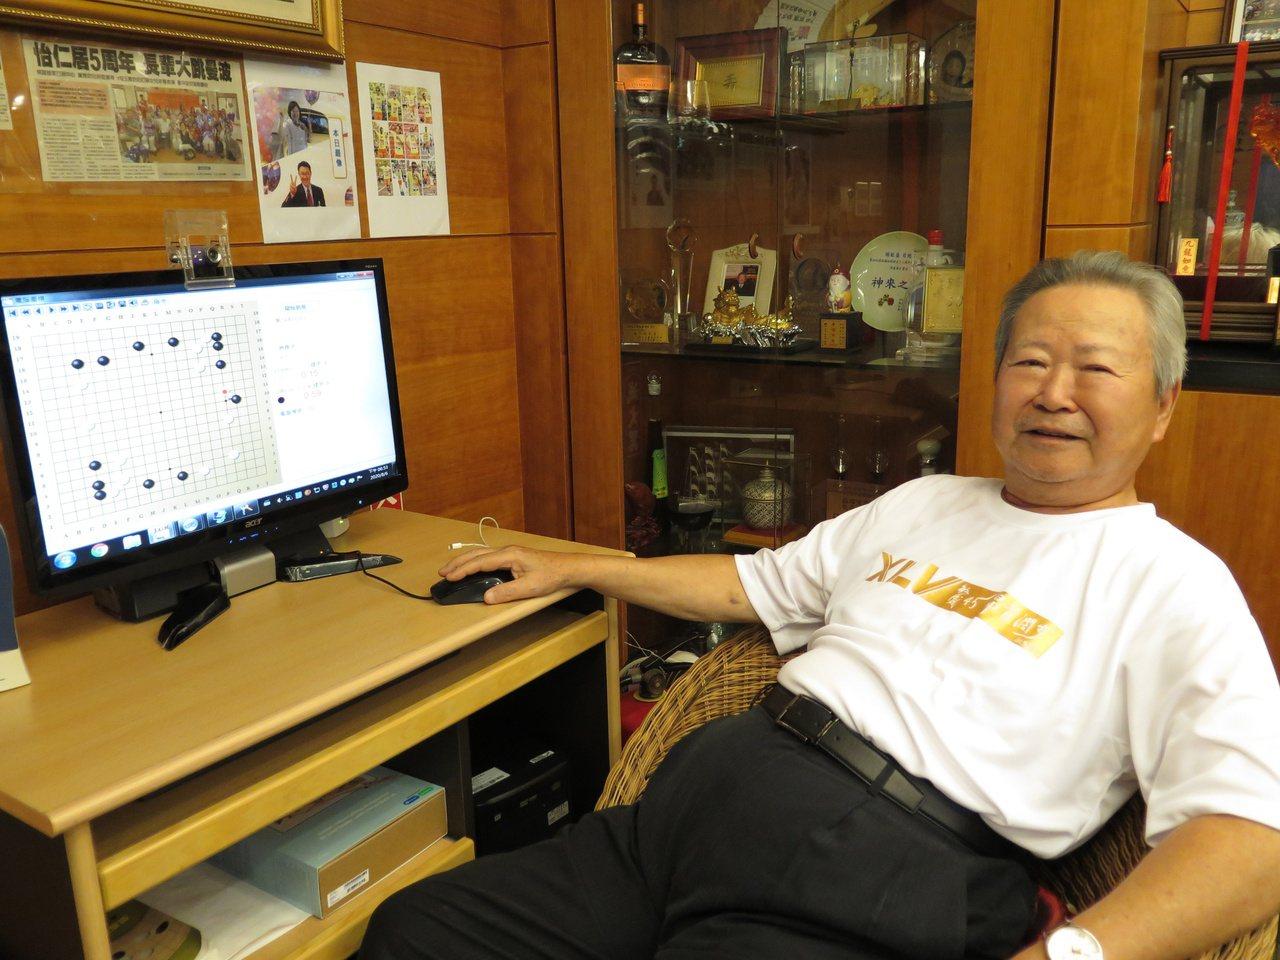 桃園敏盛綜合醫院總裁楊敏盛有一套獨特的「十一哲學」,從擔任實習醫生起養成下圍棋的...